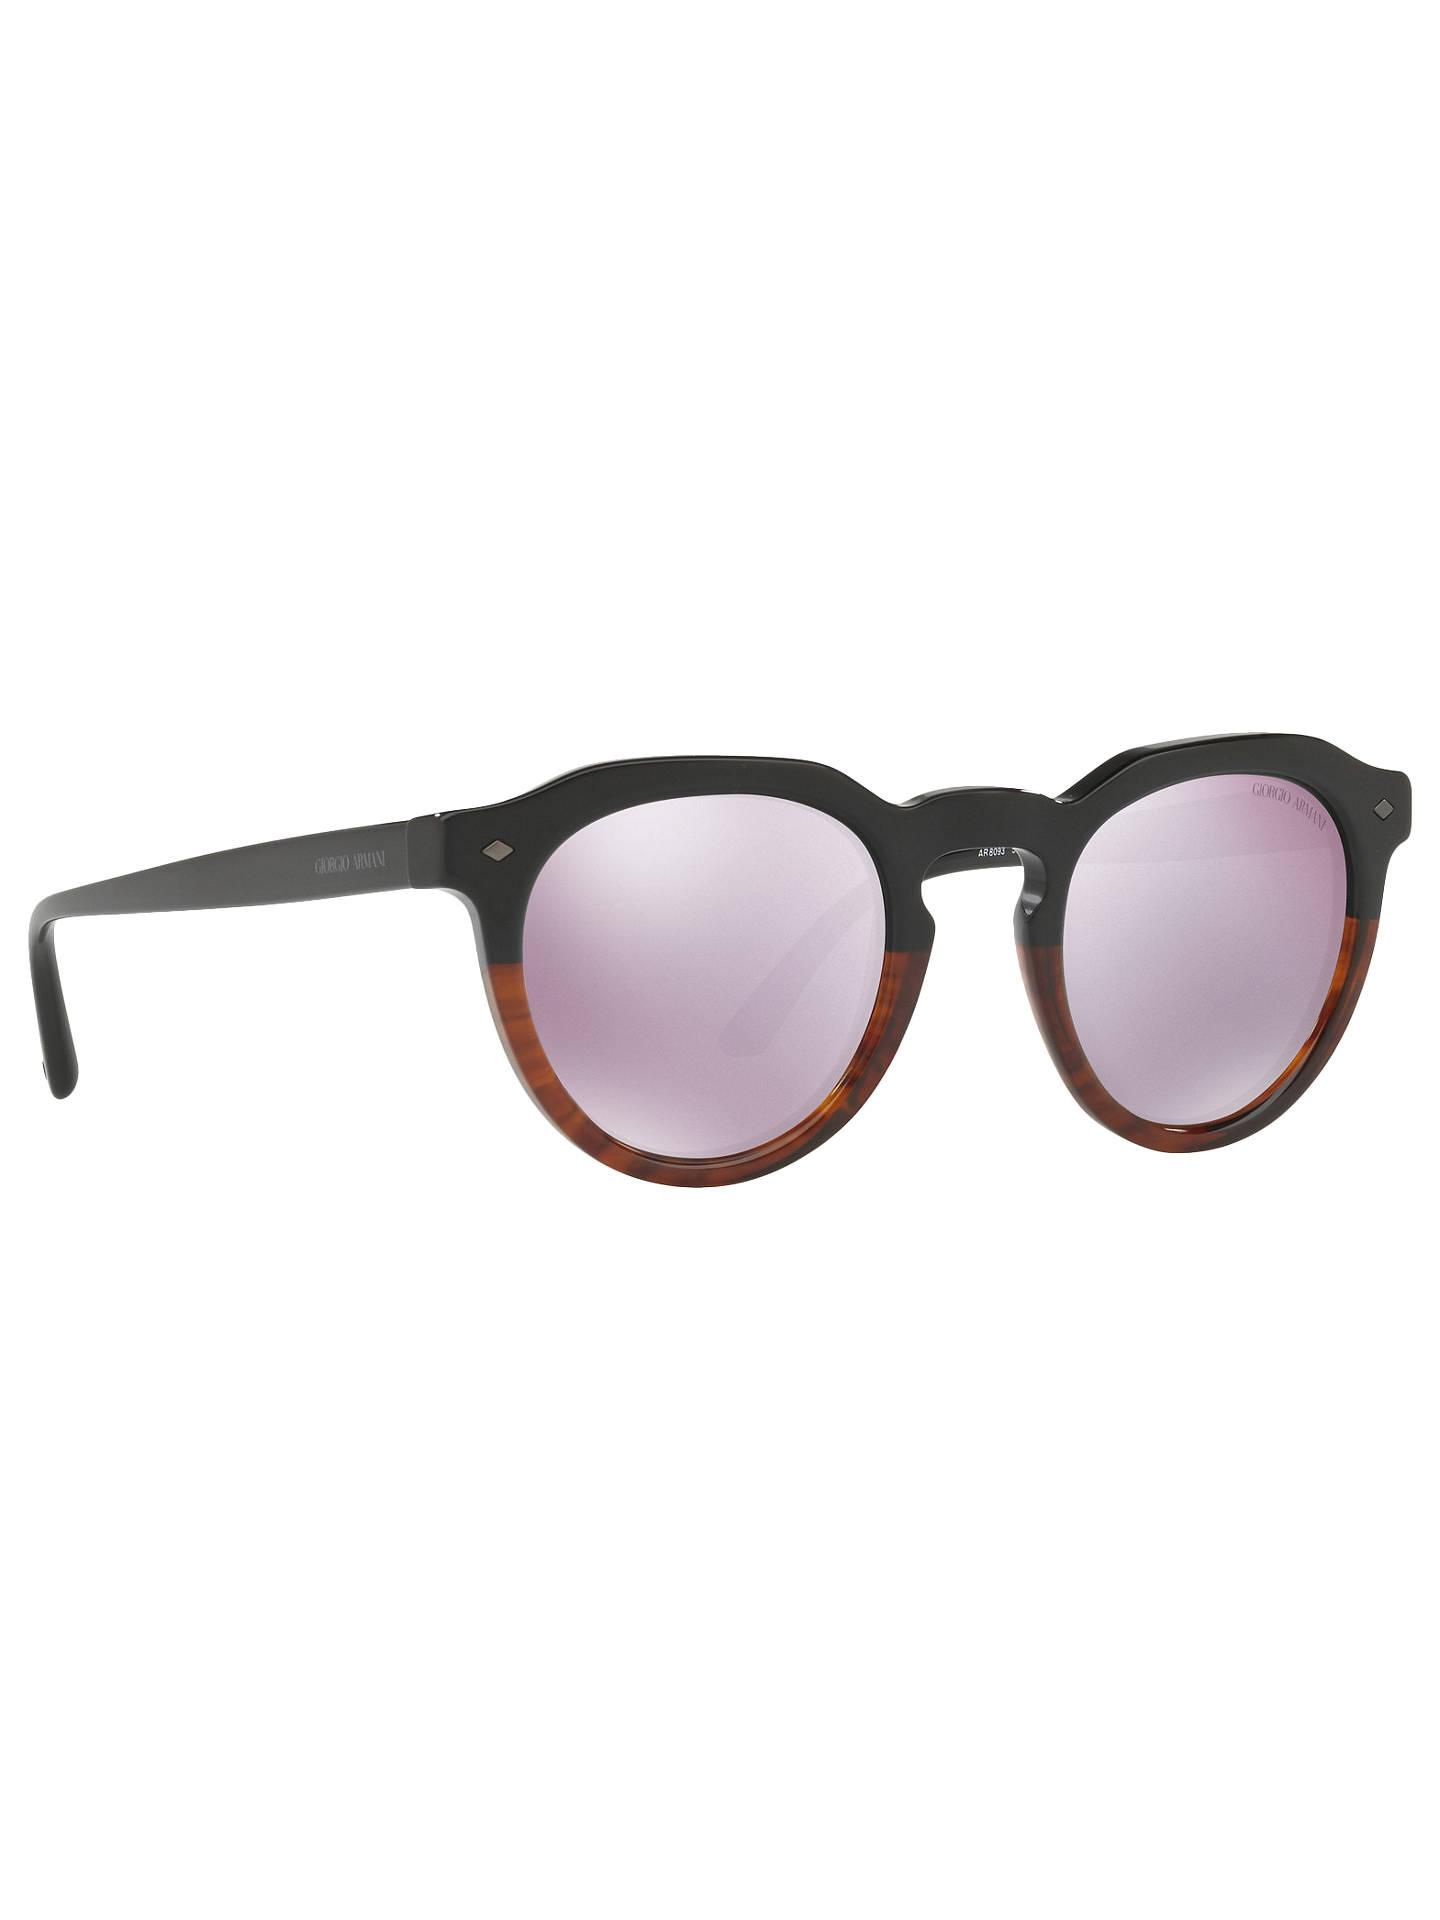 ea6f3a5858a6 Giorgio Armani AR8093 Men s Round Sunglasses at John Lewis   Partners